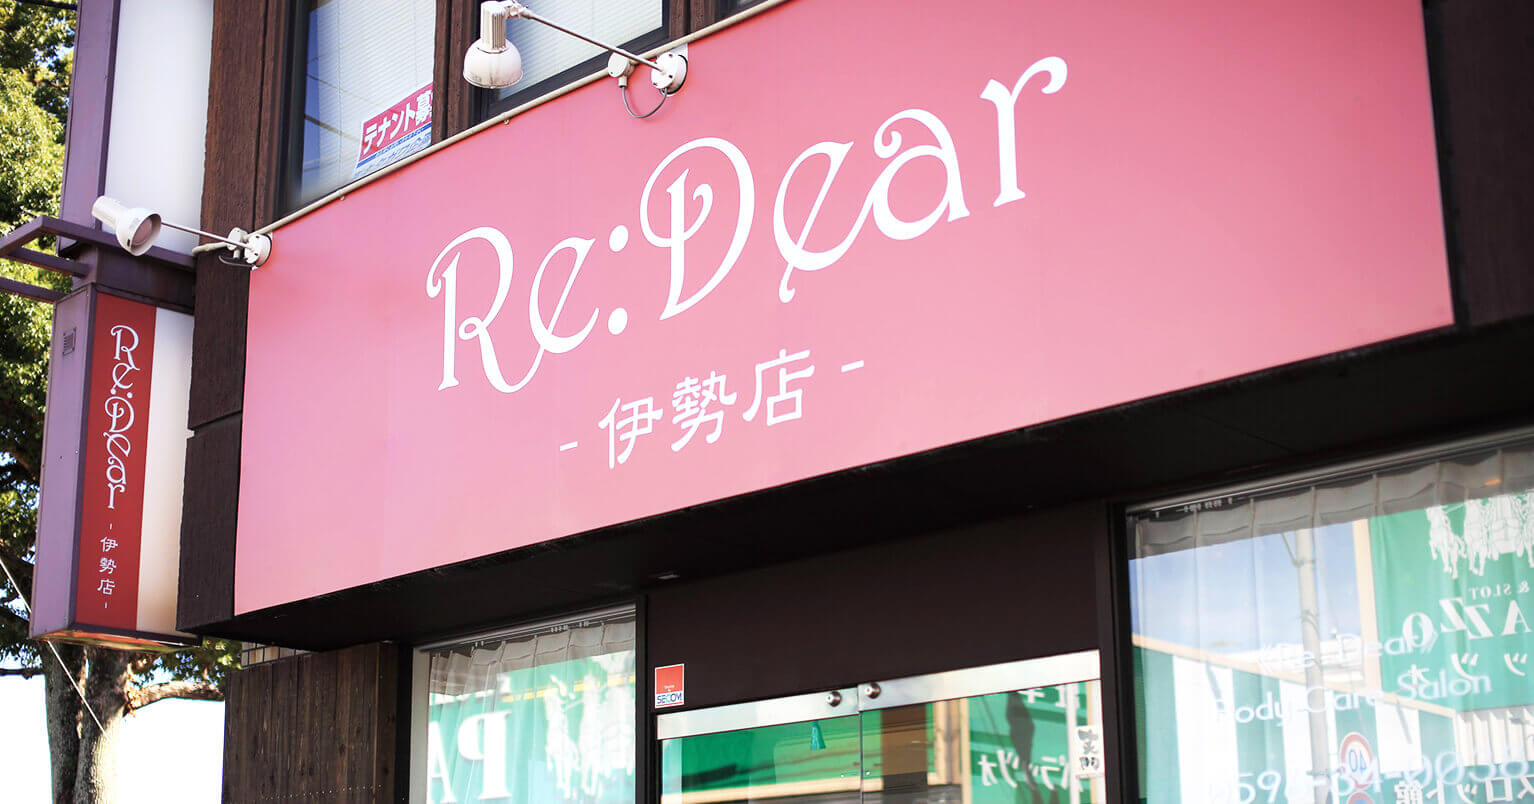 Re:Dear(レディア)伊勢店